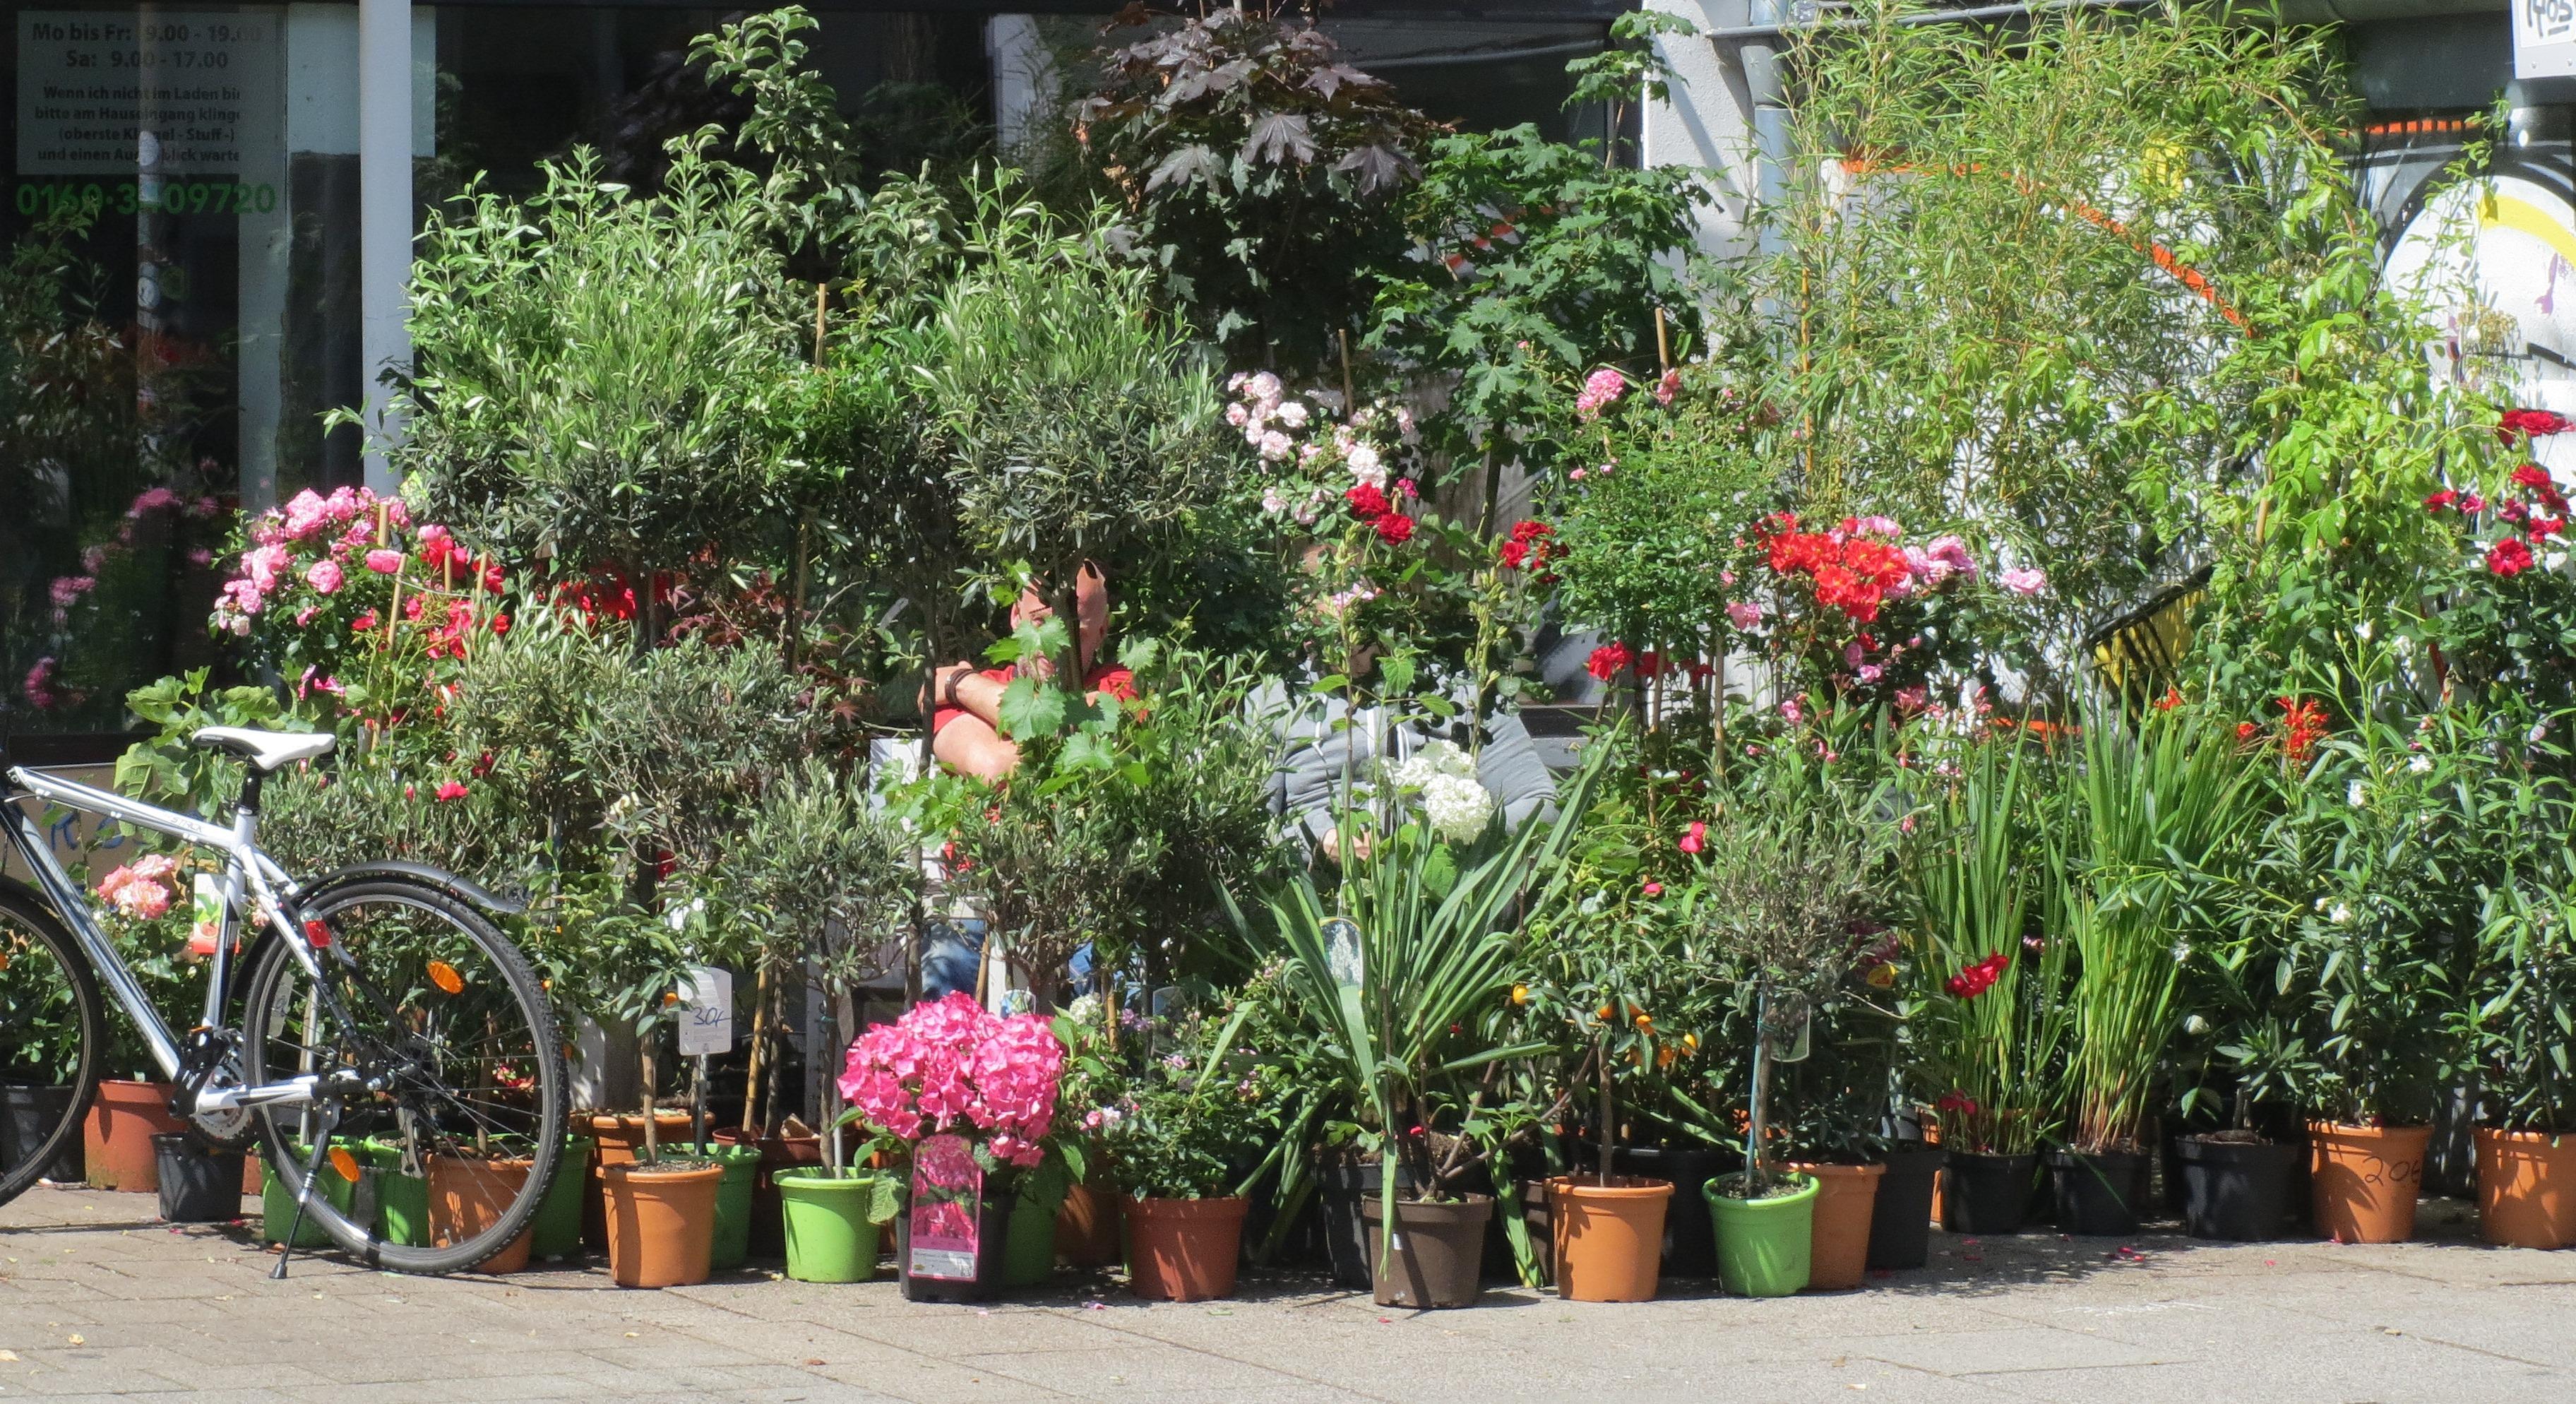 viele viele Blumentöpfe vor einem Laden